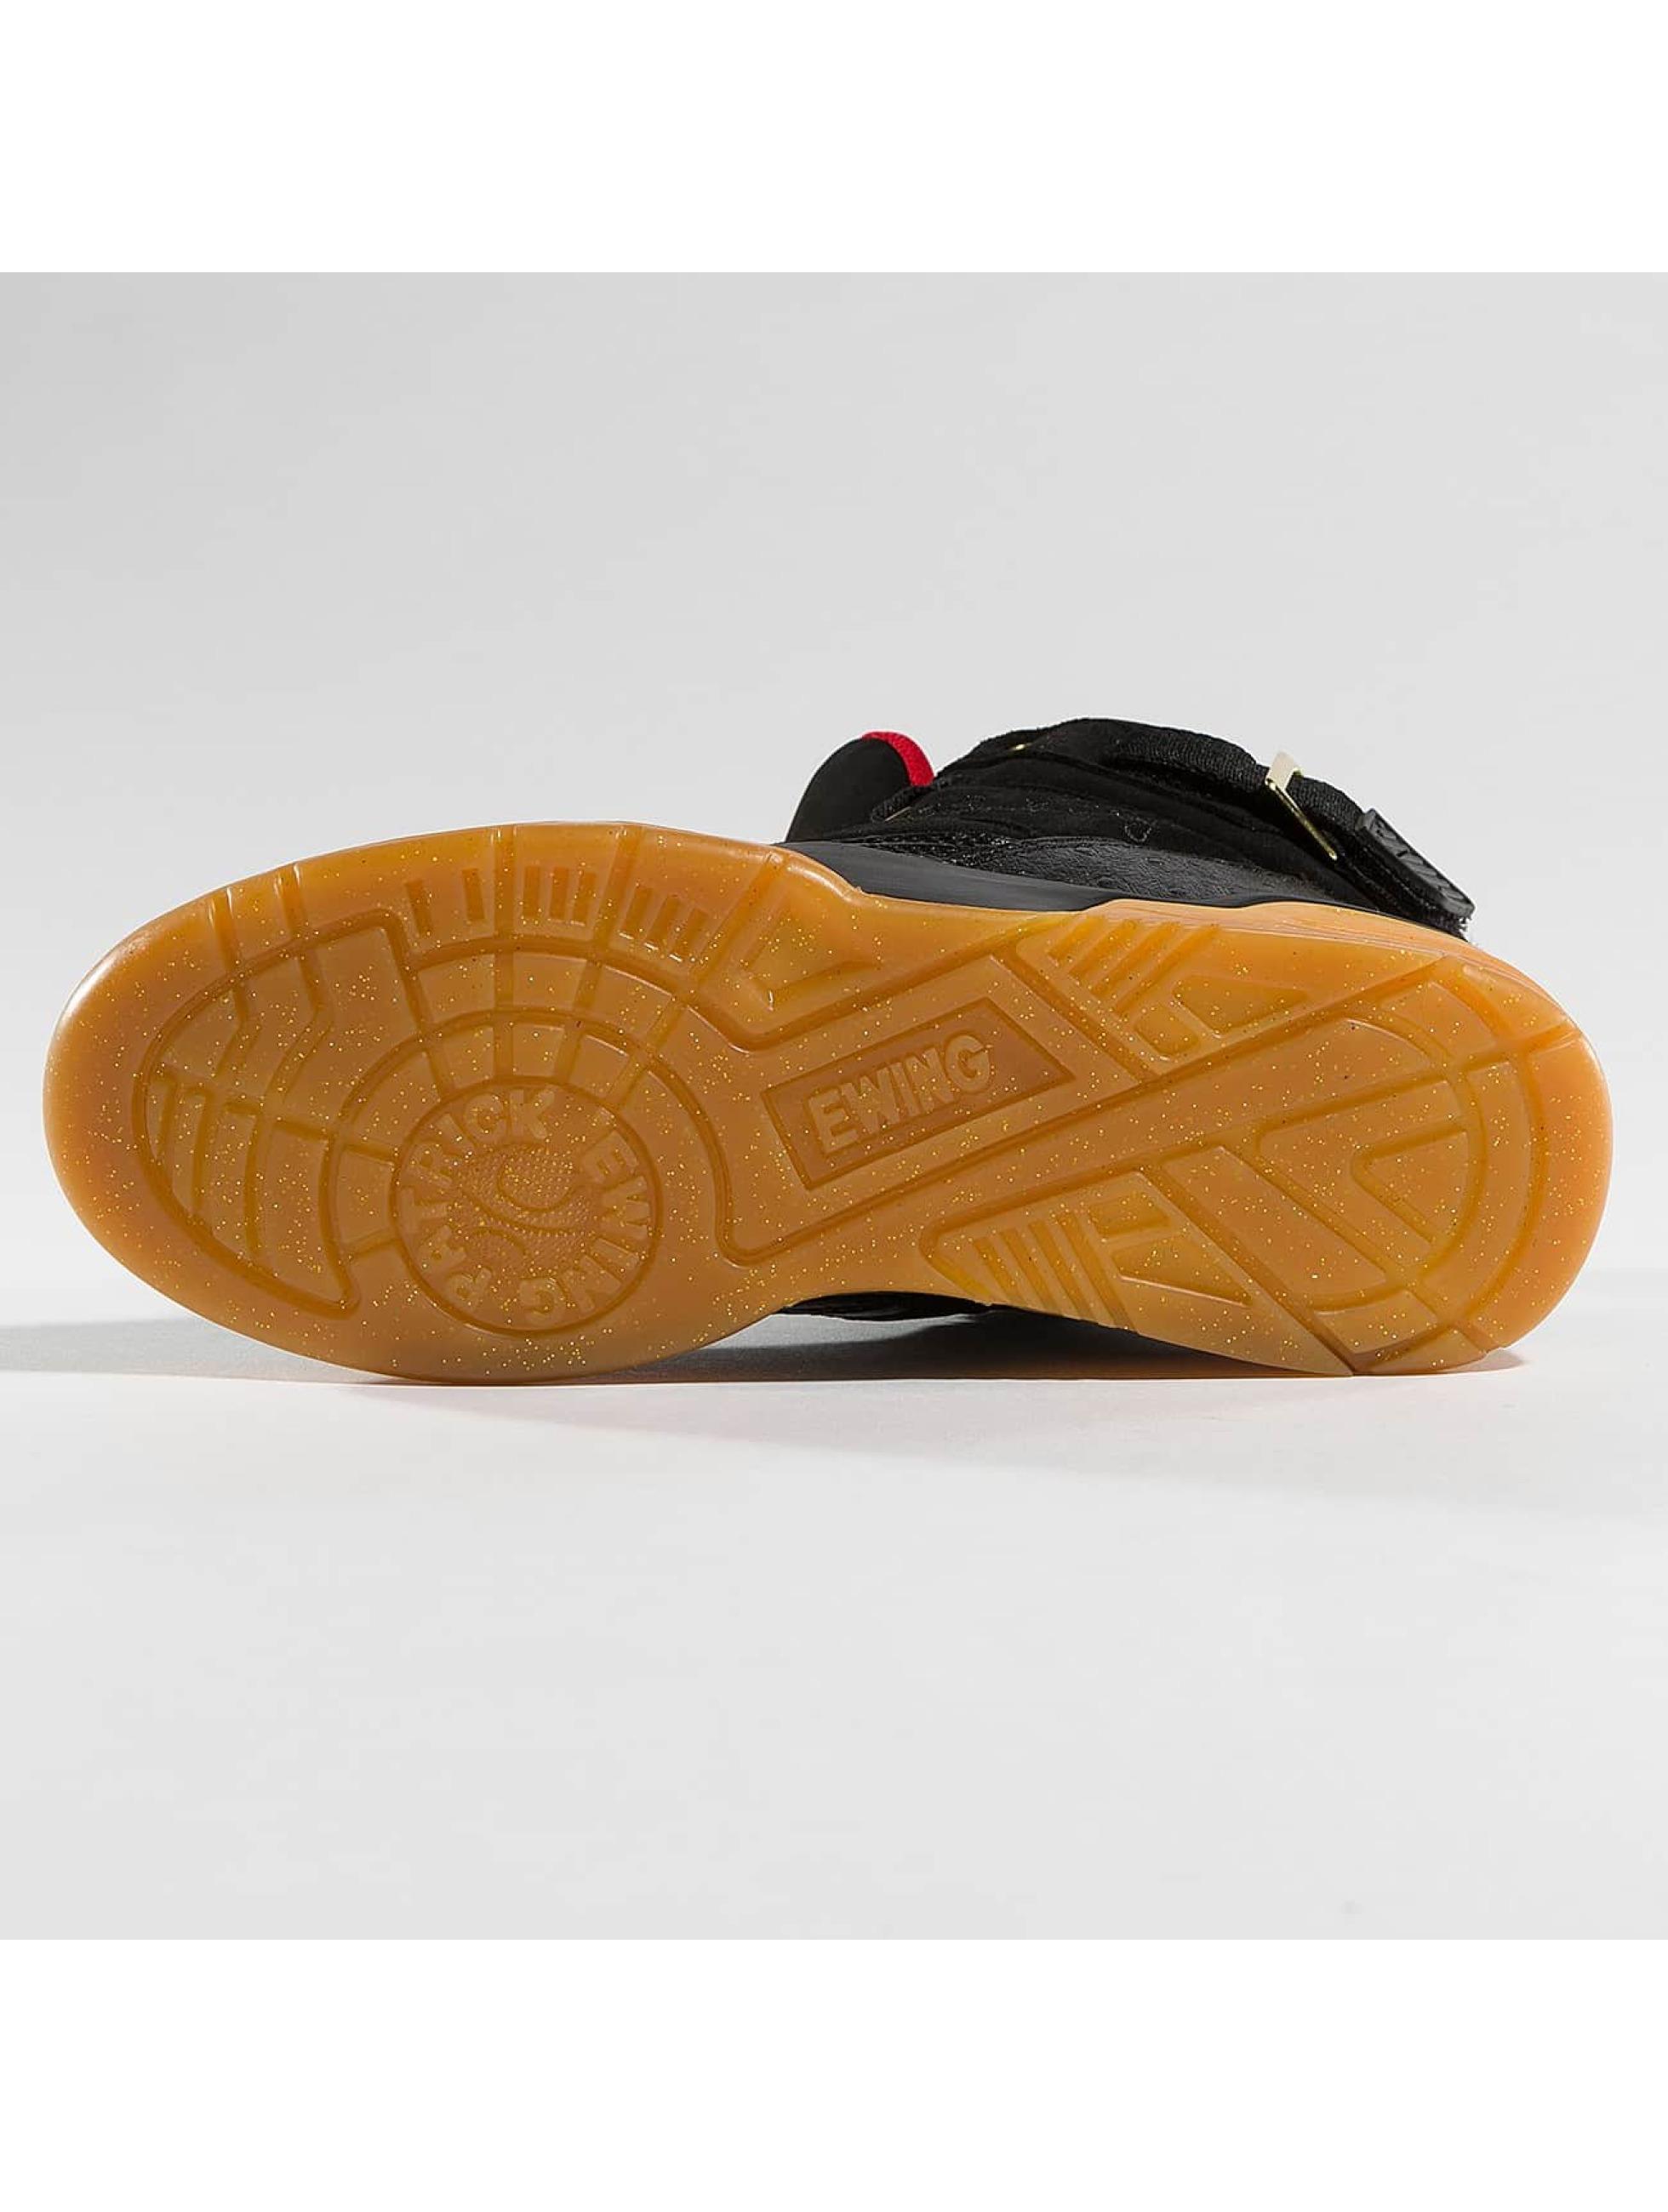 Ewing Athletics Sneakers 33HI Rick Ross MMG czarny